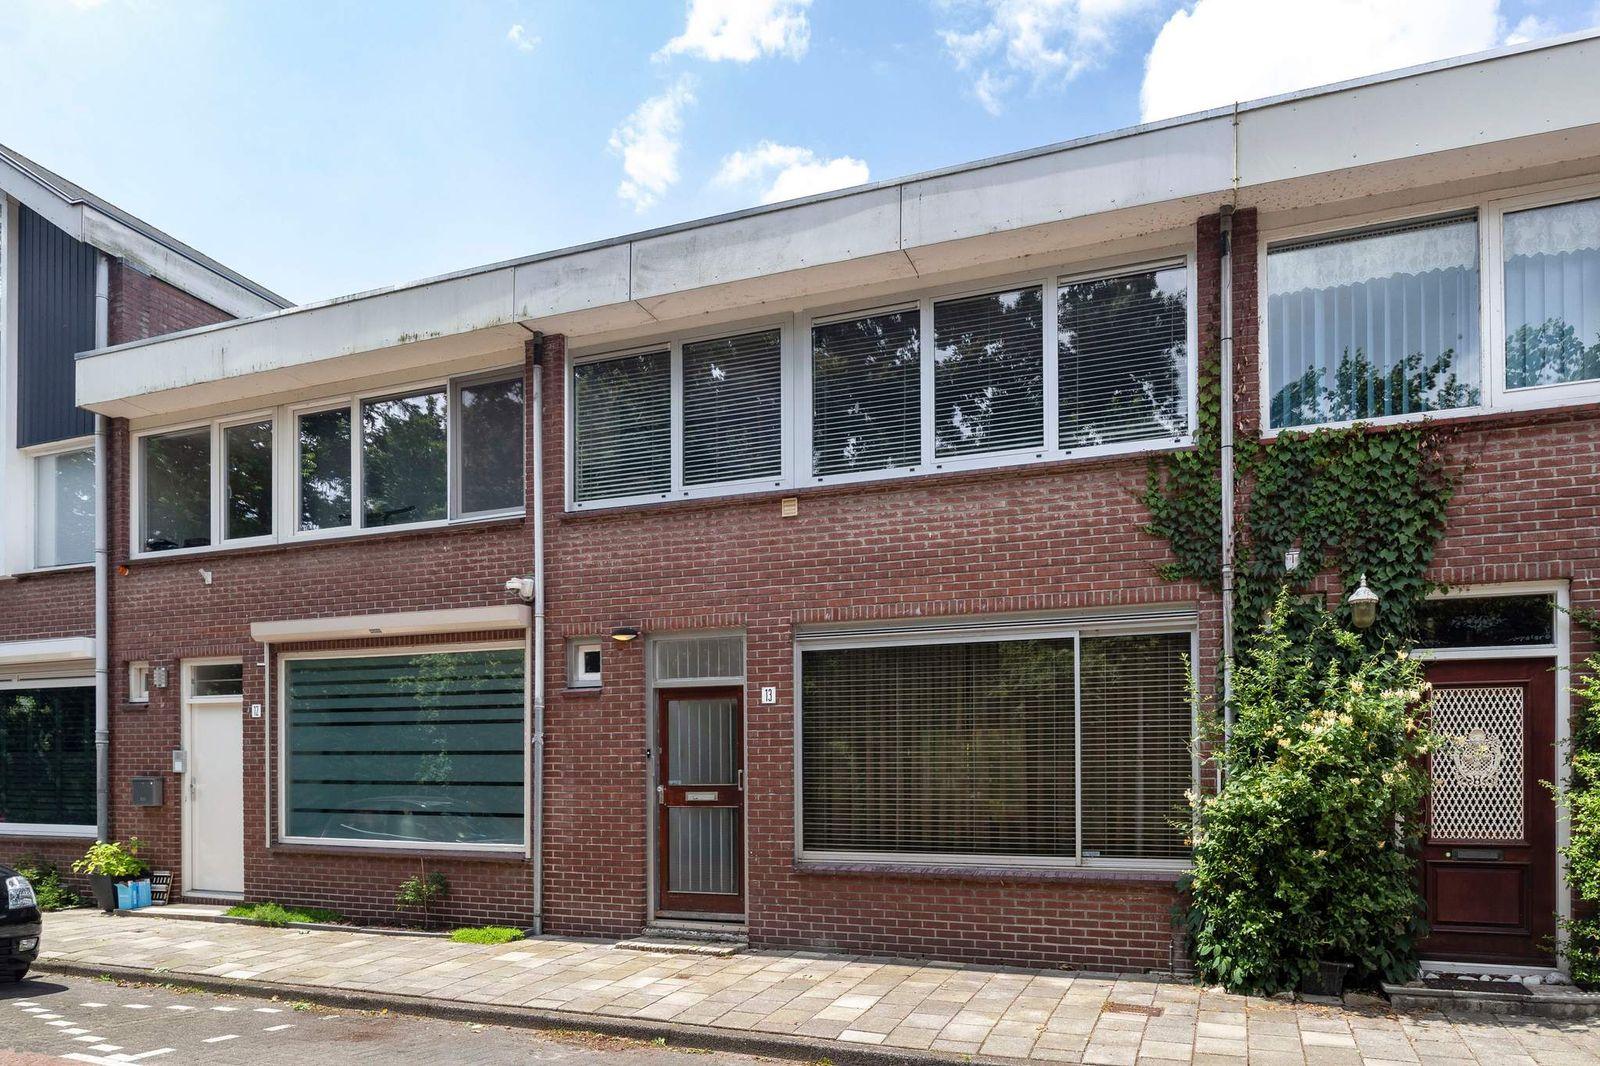 Hilverbeekstraat 13, Amsterdam